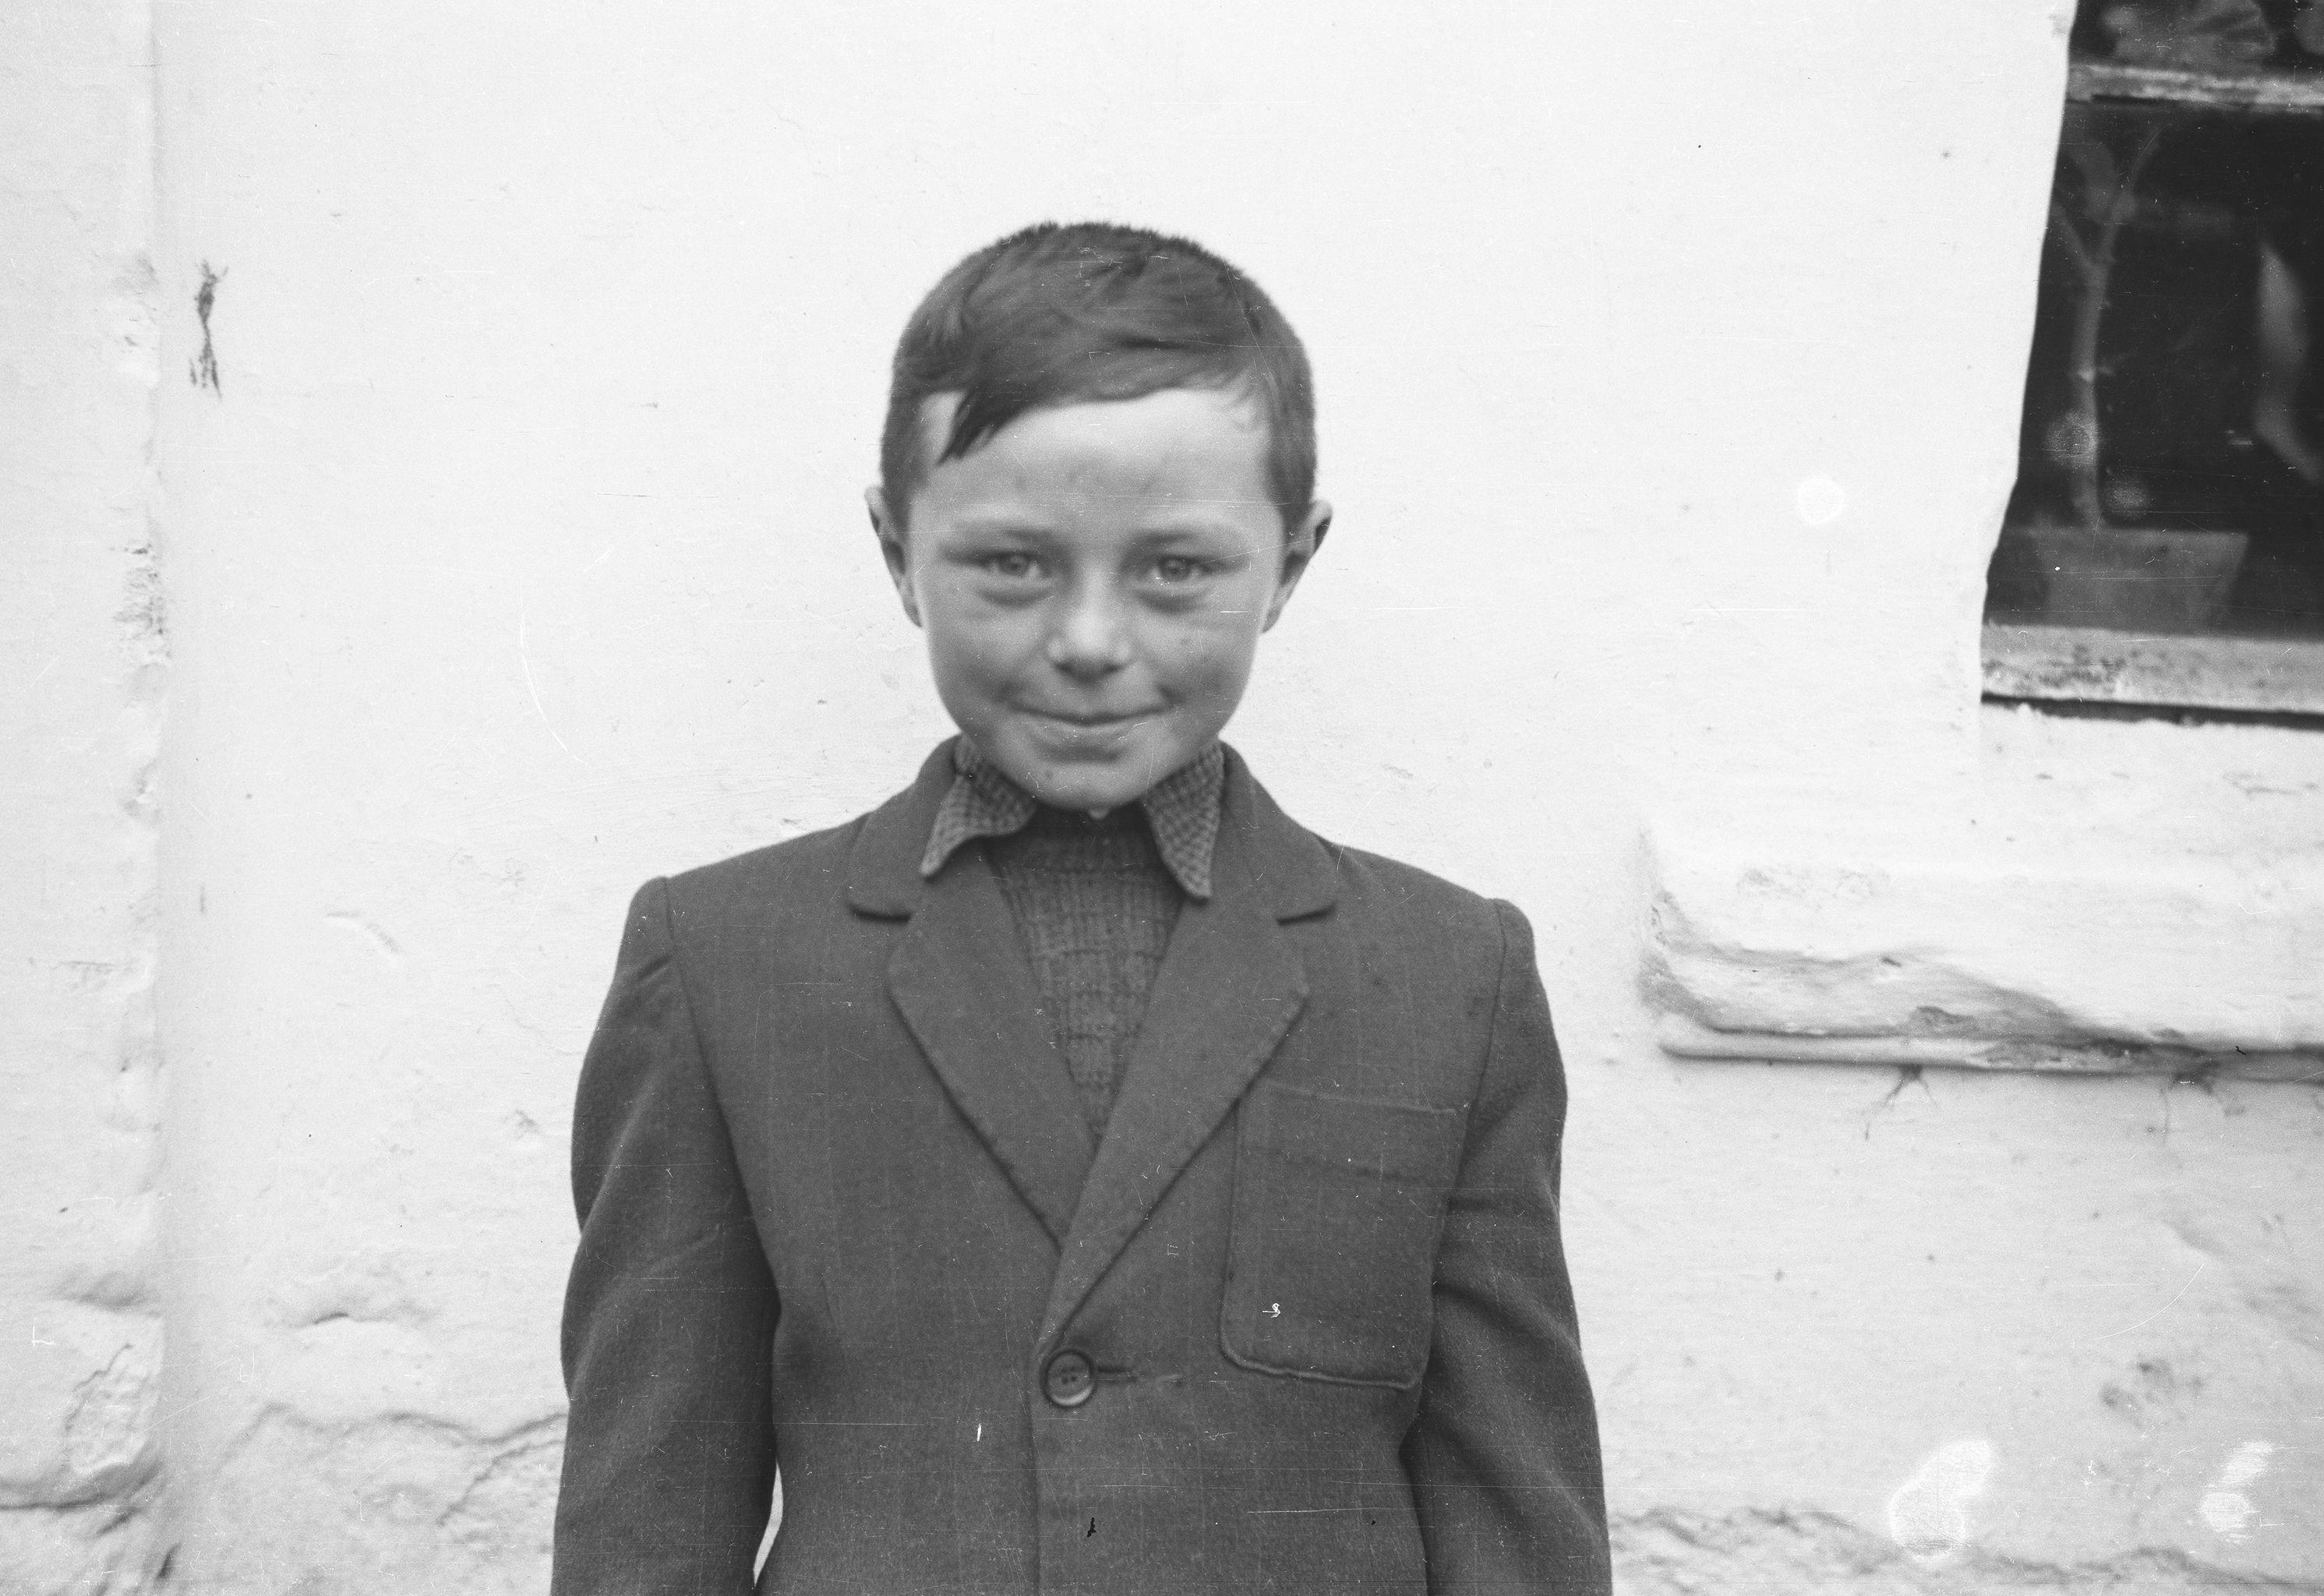 Antek Piestrak, Brzózka, Dolny Śląsk, lata 50. XX .